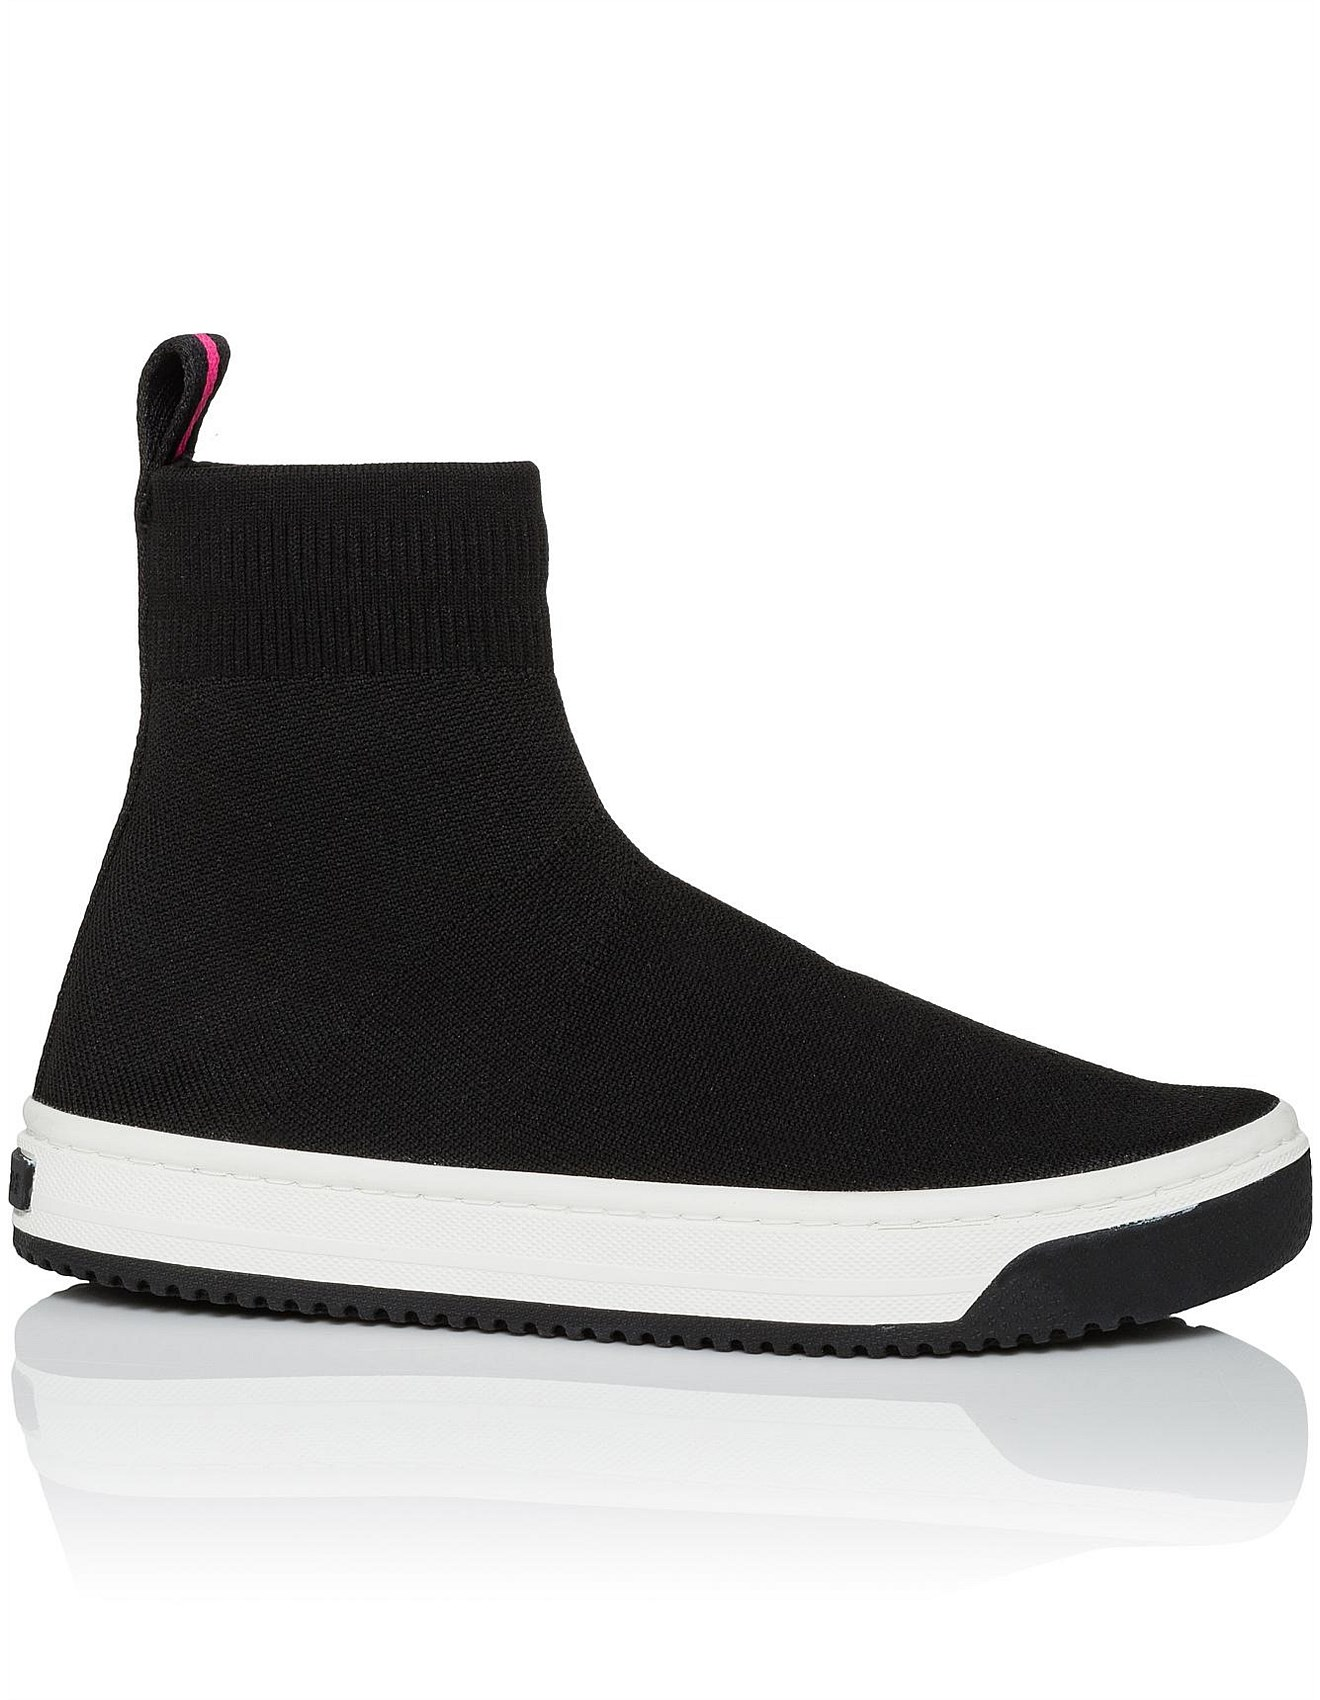 db0f3fd53a8 Sneakers - Dart Sock Sneaker